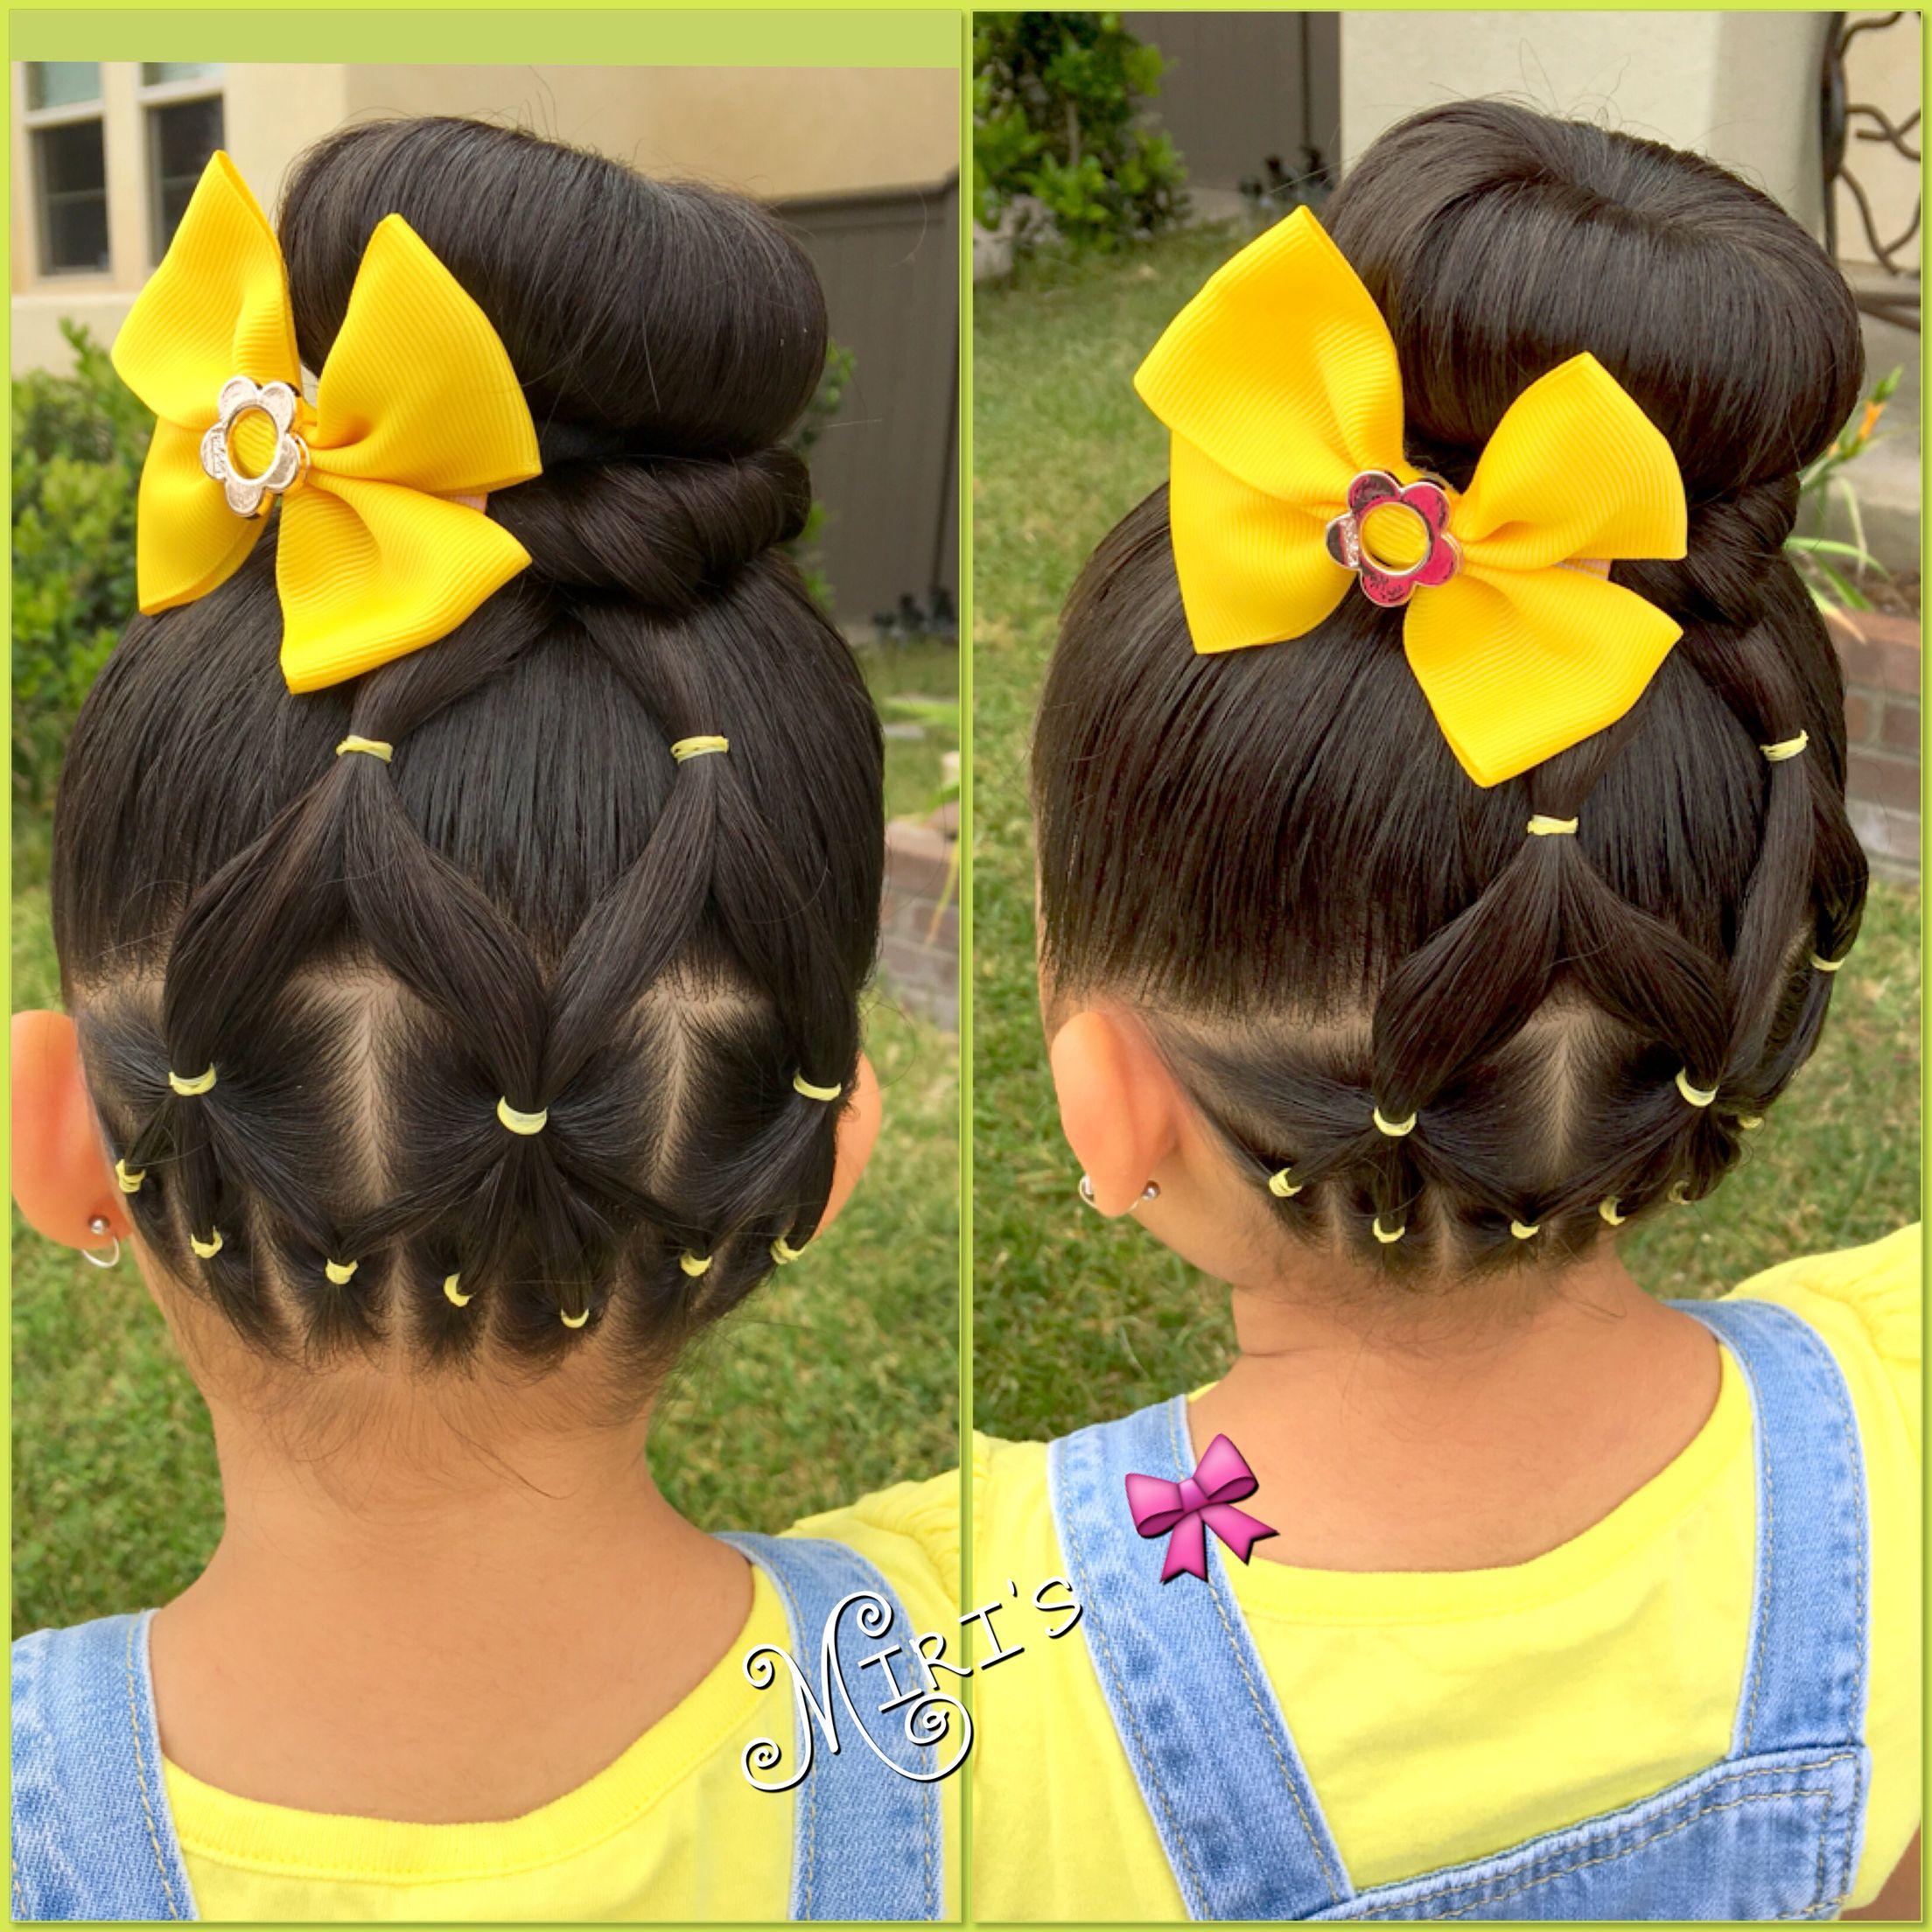 Hair style for little girls hairstyles for babygirl pinterest